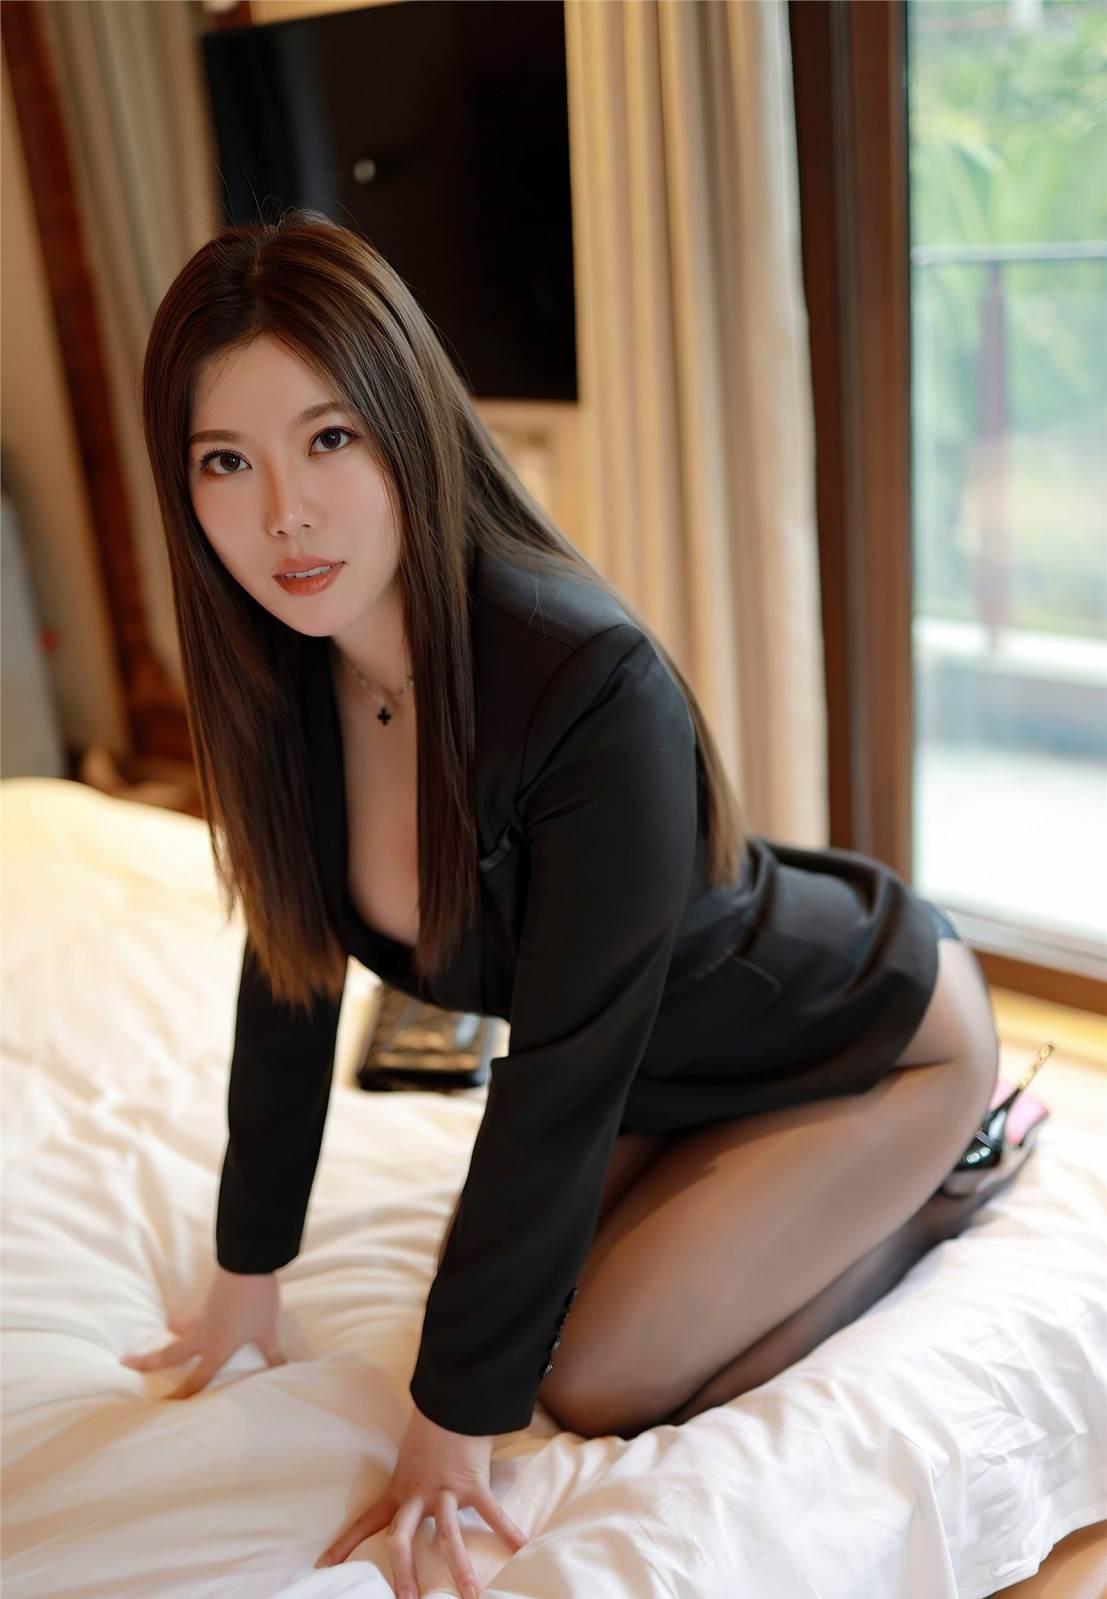 第246期环肥燕瘦白茹雪(西装,丝袜,黑丝,丰满身材,高跟)_图片4